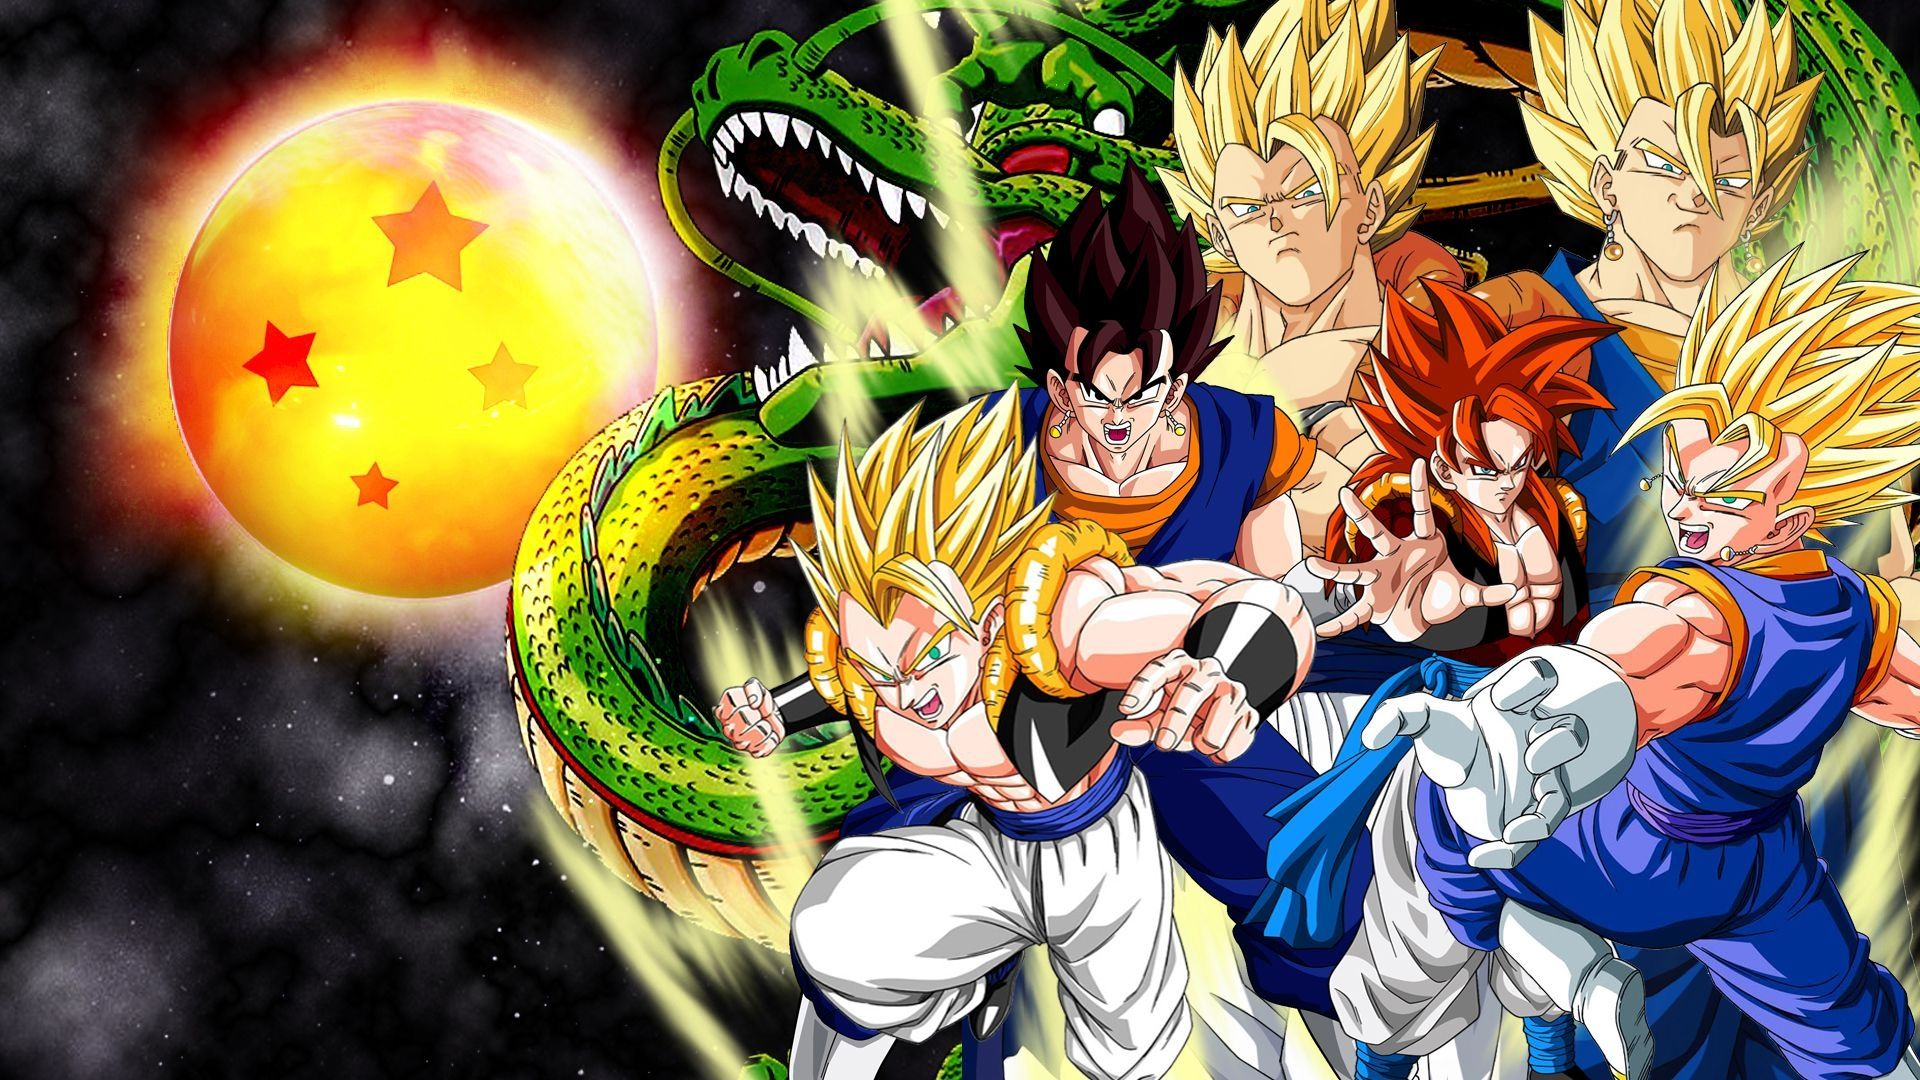 Wallpaper Best Anime Dragon Ball Z Z wallpaper, Dragon